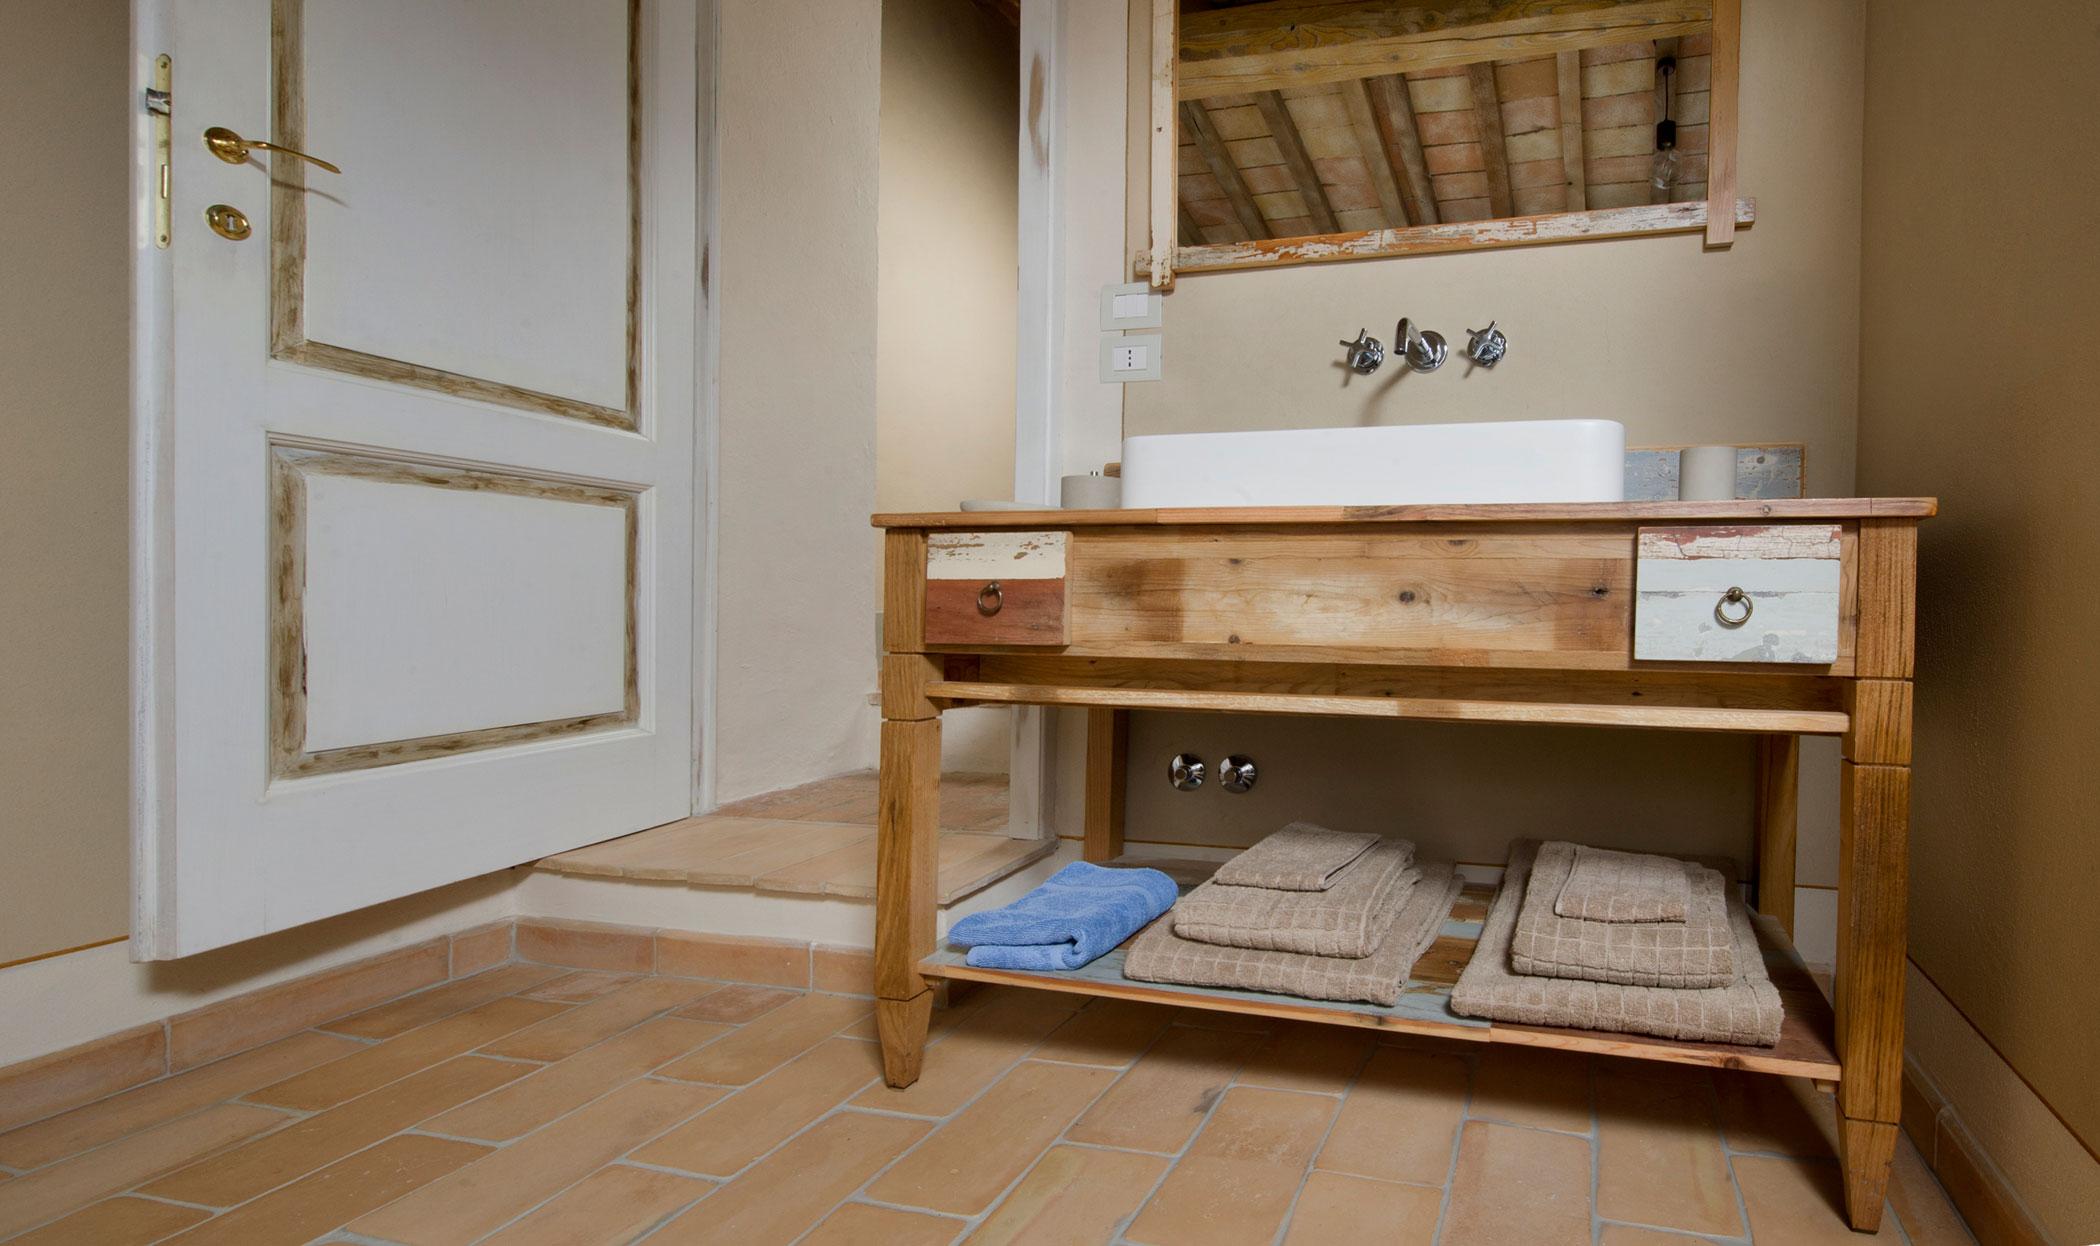 Mobile per stanza da bagno con varie essenze di legno